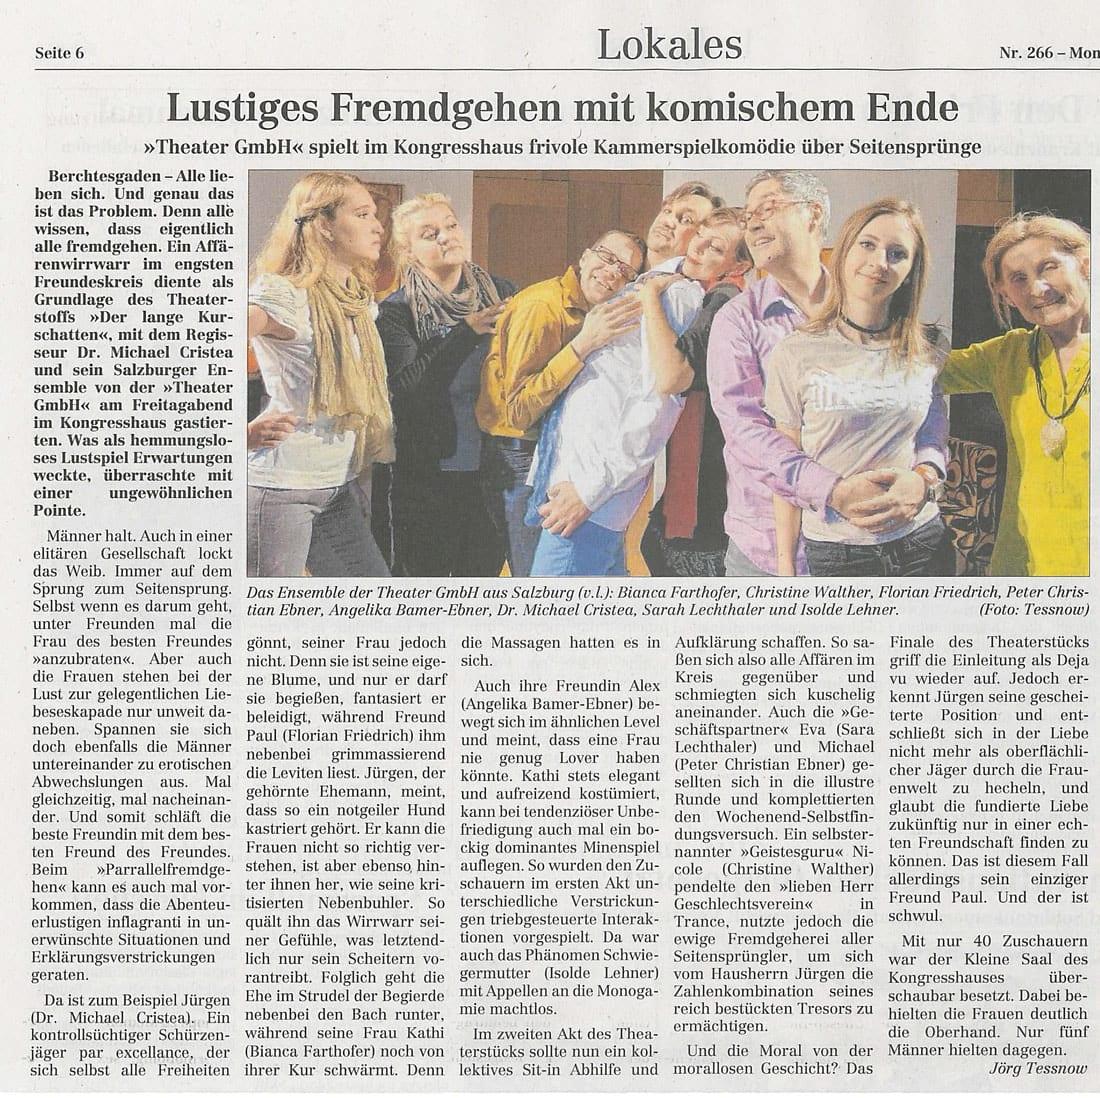 Kurschatten Premiere 20.11 - Lustiges Fremdgehen mit komischem Ende - Berchtesgadener Anzeiger vom 20.11.2017